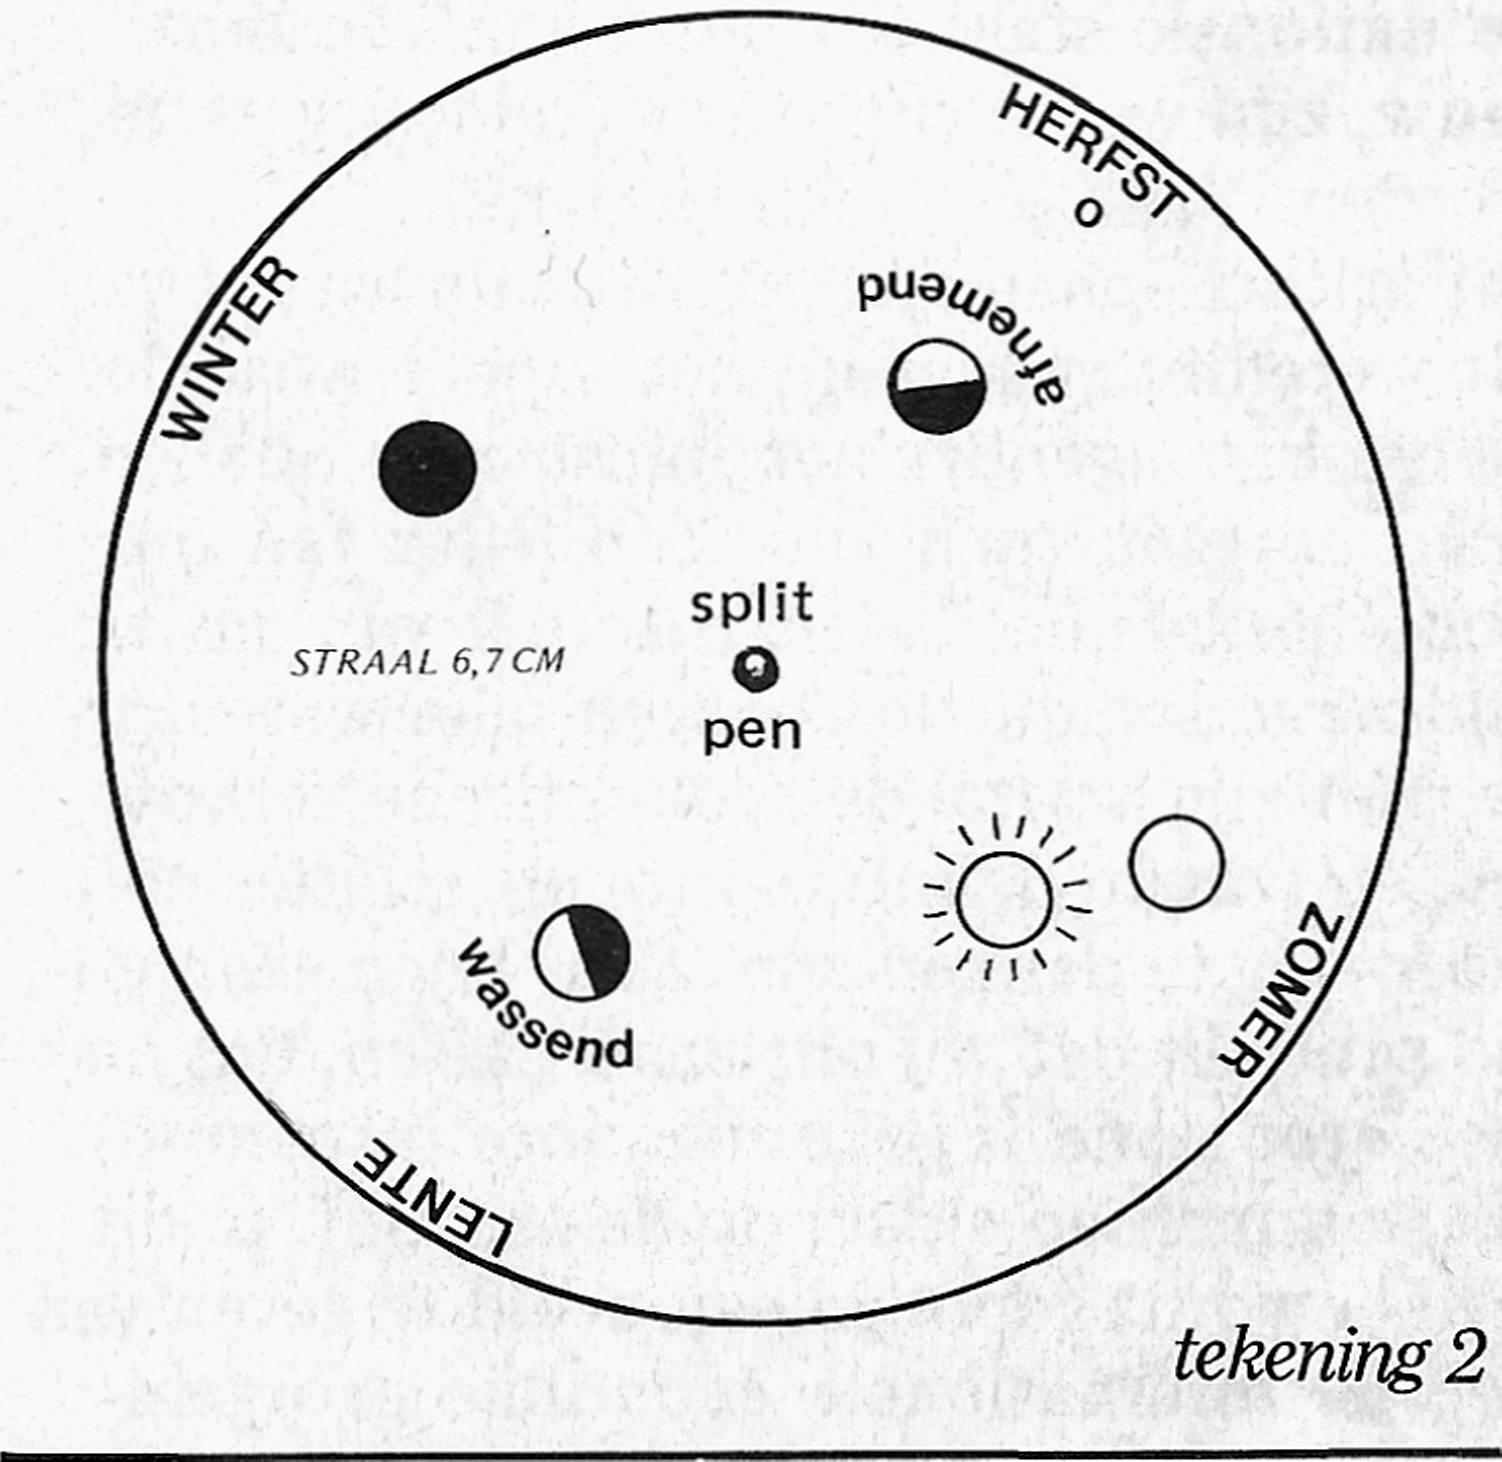 dingen van de maan in vier schijngestalten, de zon (vlakbij de onzichtbare  nieuwe maan) en de namen van de vier seizoenen. Zie tekening 2 voor de  maten.